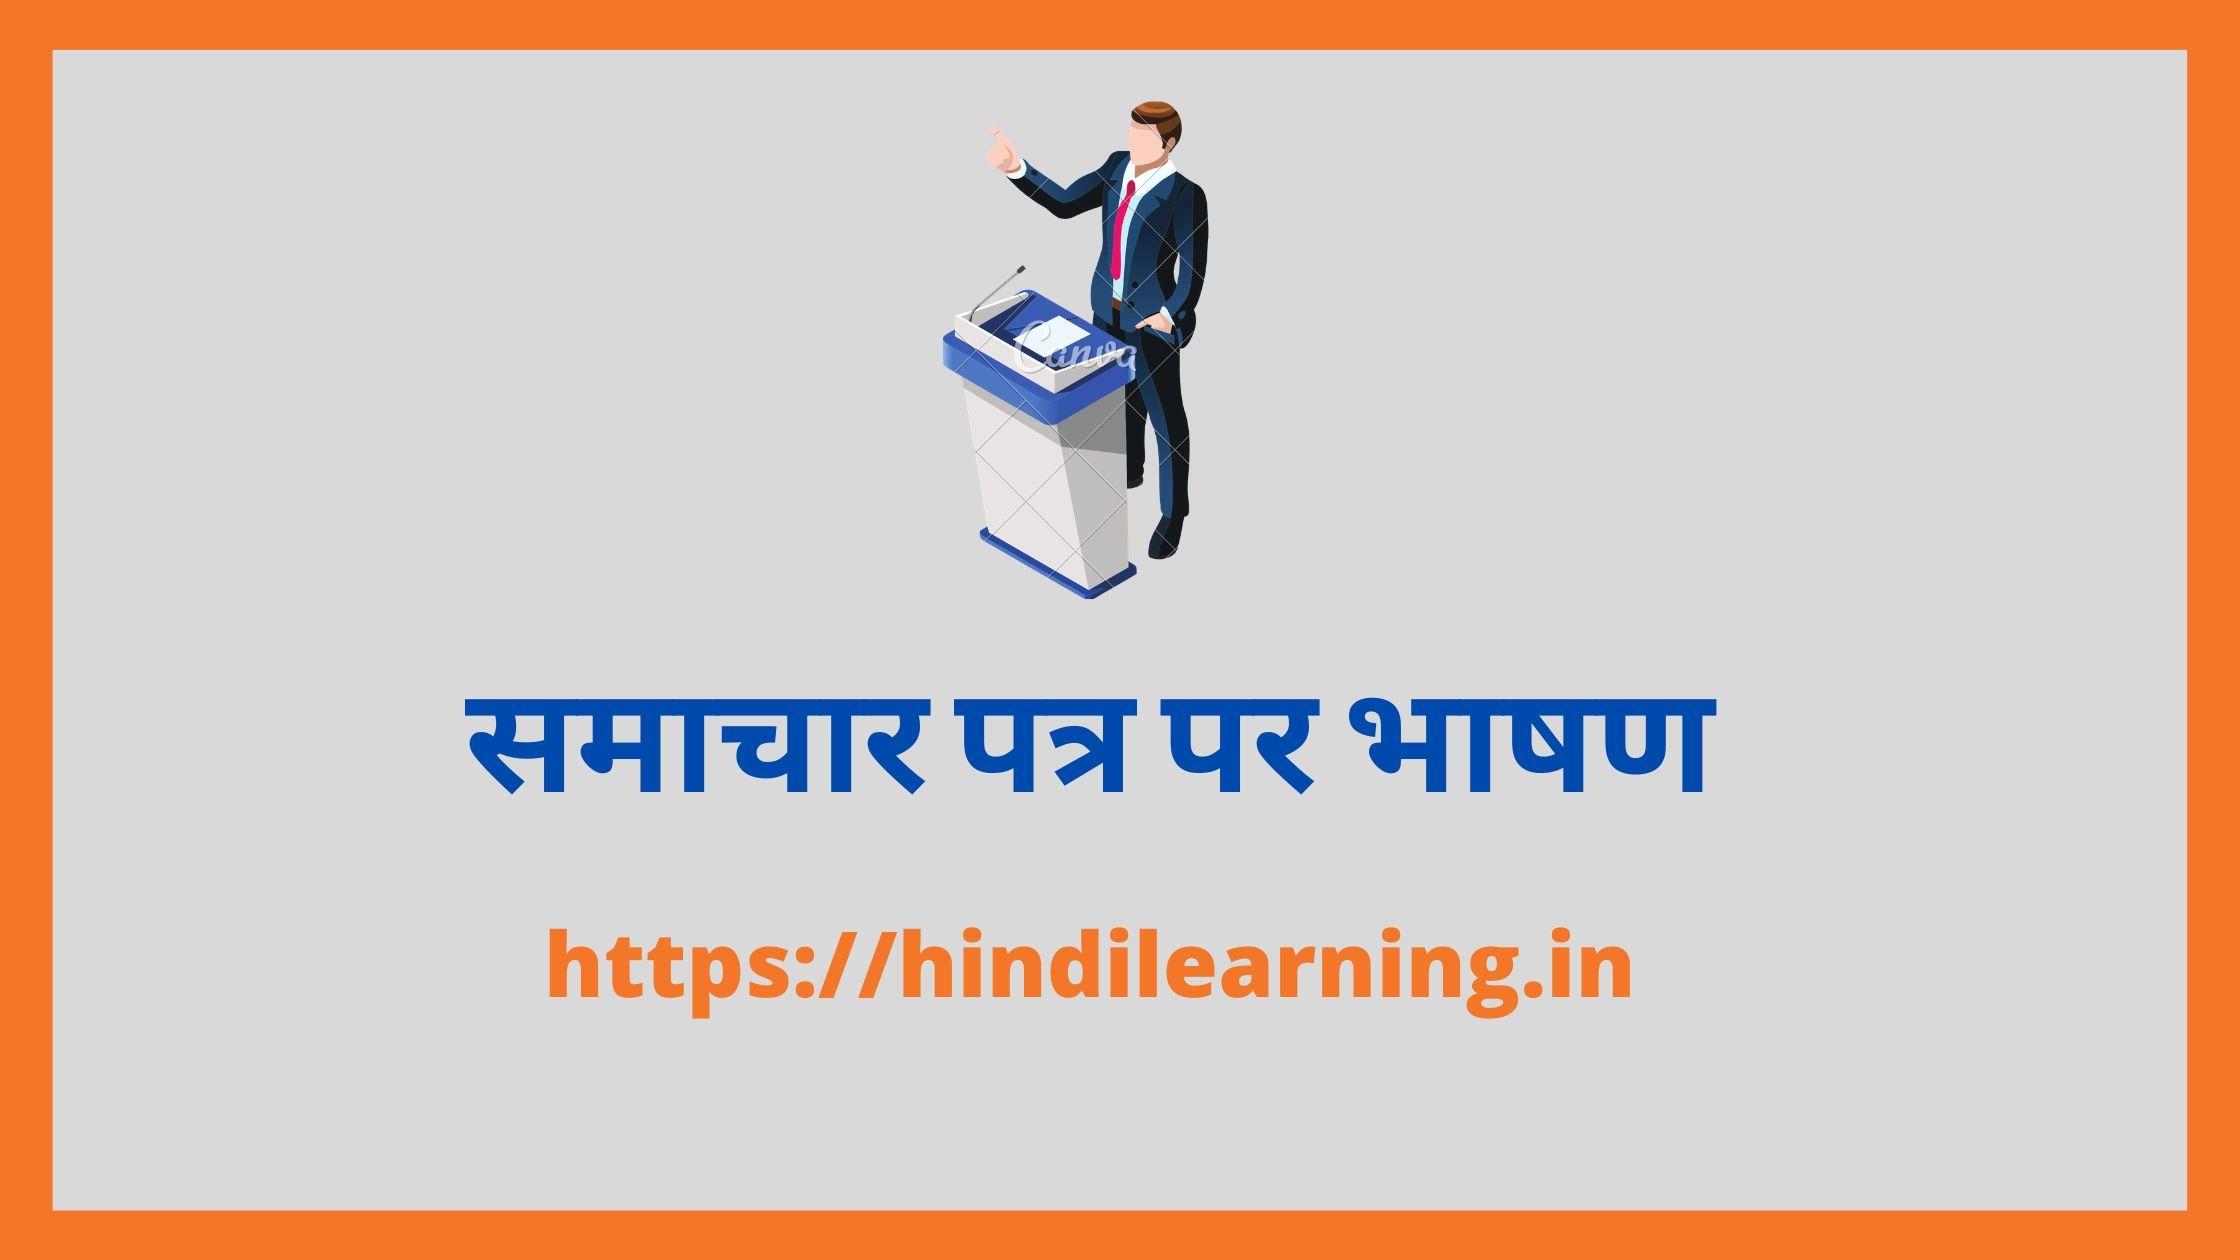 समाचार पत्र पर भाषण - Speech on Newspaper in Hindi